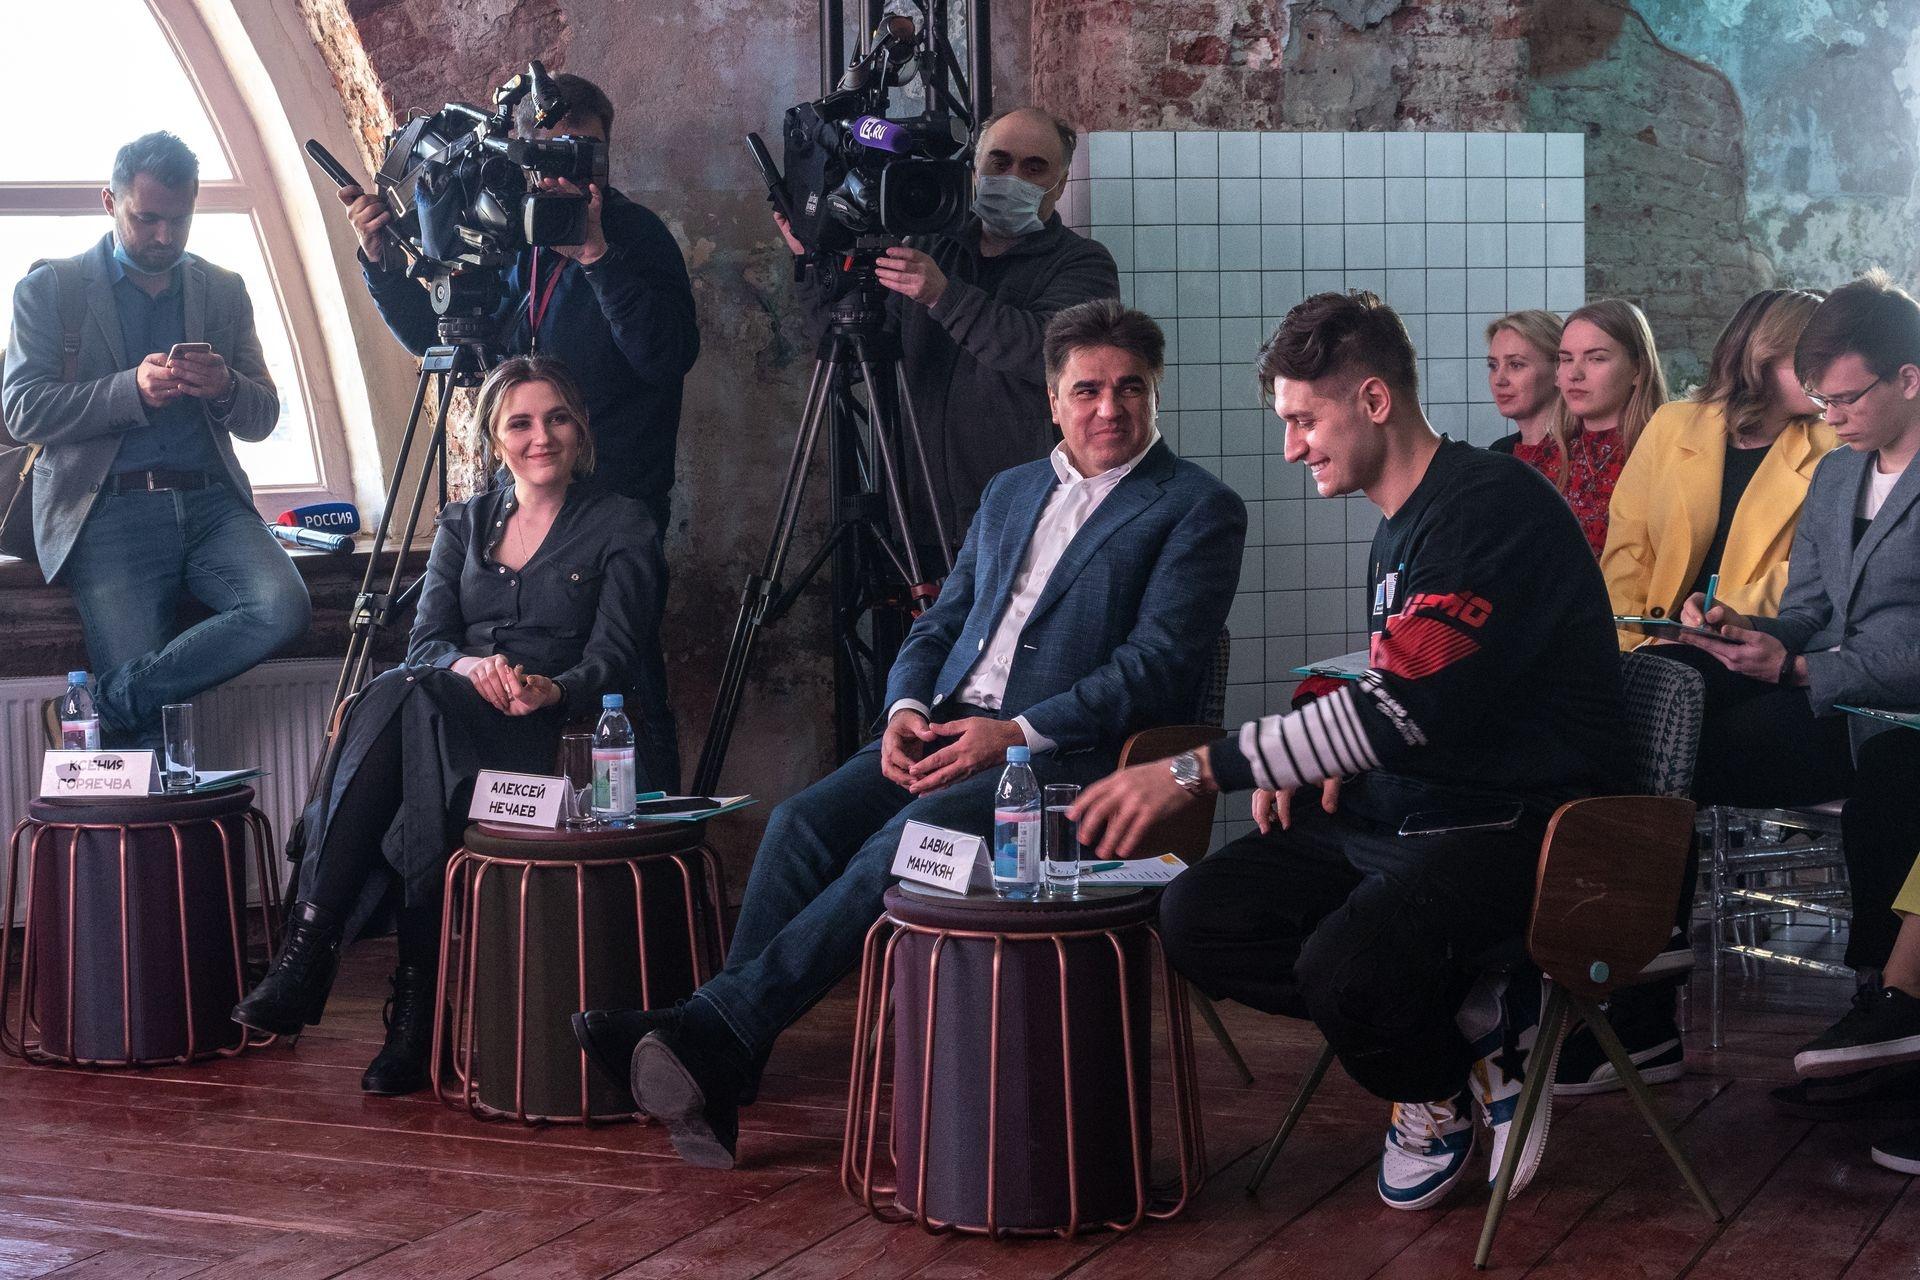 Руководитель петербургского штаба партии Ксения Горячева,&nbsp;председатель партии Алексей Нечаев,&nbsp;&nbsp;блогер Давид Манукян<br>